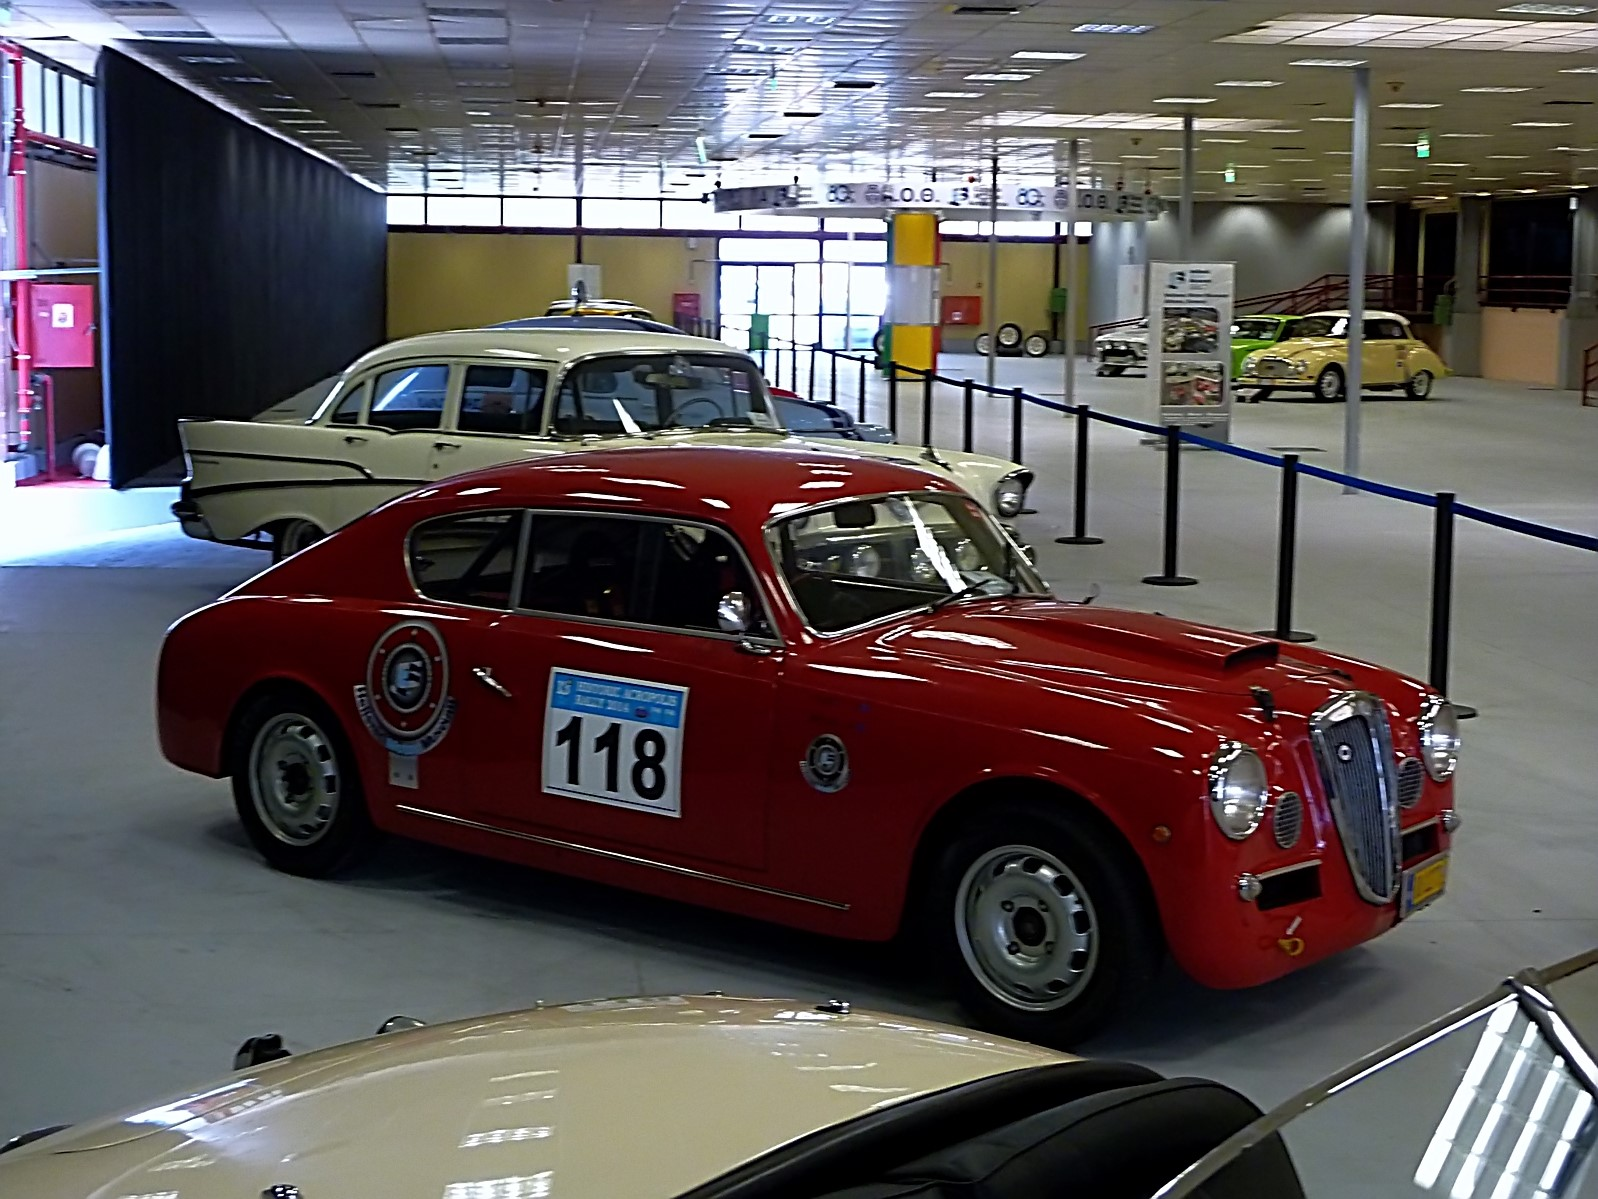 1953 Lancia Aurelia B24 ex L (34)